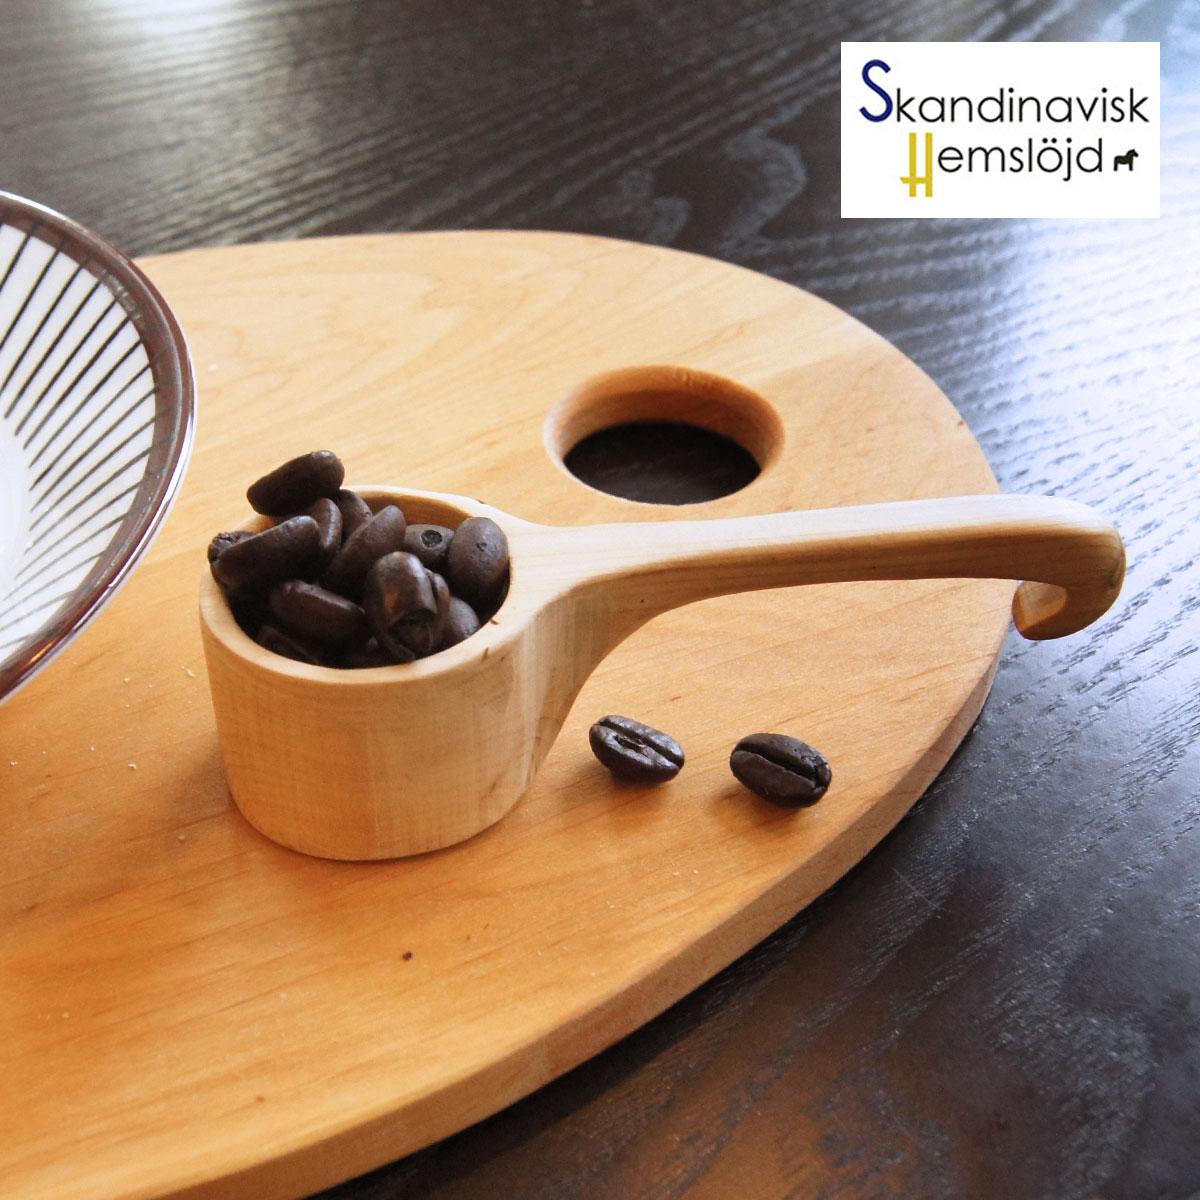 カフェスコップ Skandinavisk.H(スカンジナヴィスク)木製カトラリー おしゃれな北欧キッチン雑貨 スウェーデンデザイン 手作り ハンドメイド プレゼント ギフト ナチュラルテイストなキッチン雑貨 コーヒー